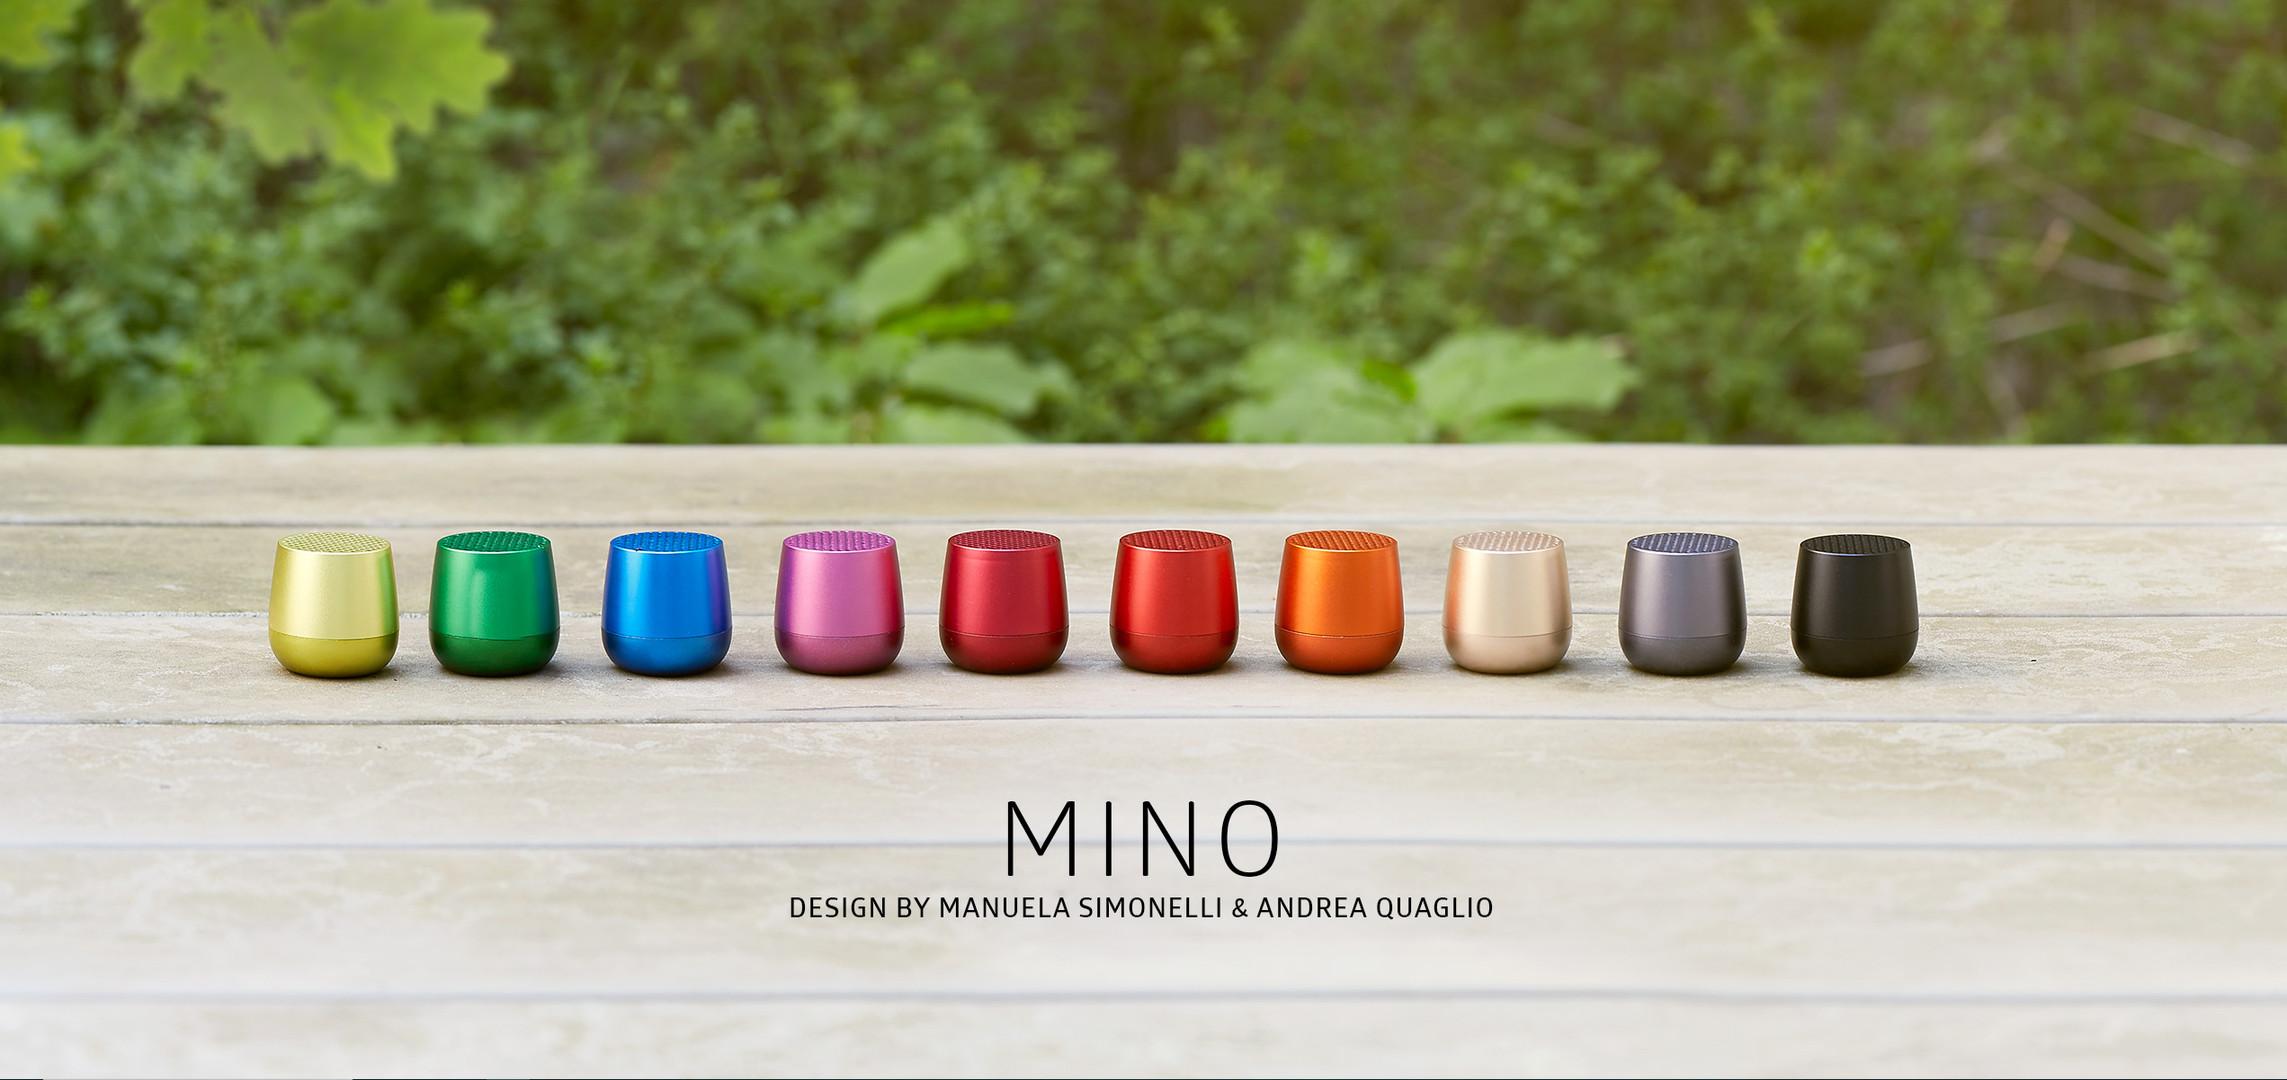 enceinte-mino-lexon-coloris.jpg